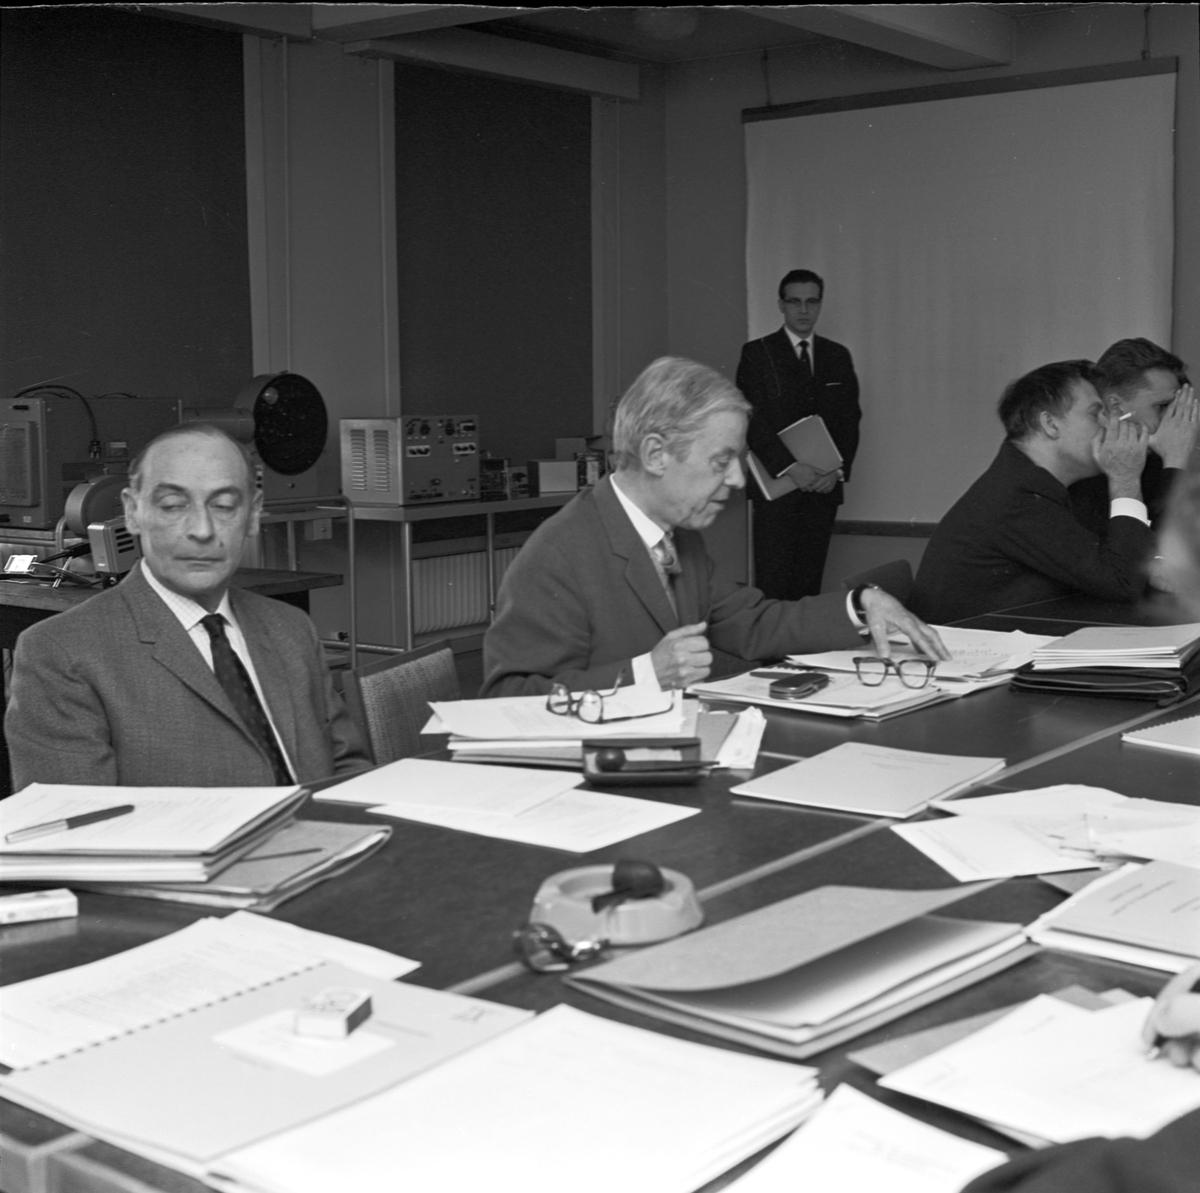 Institutet för högspänningsforskning, internationell åskexpertis, Uppsala 1964